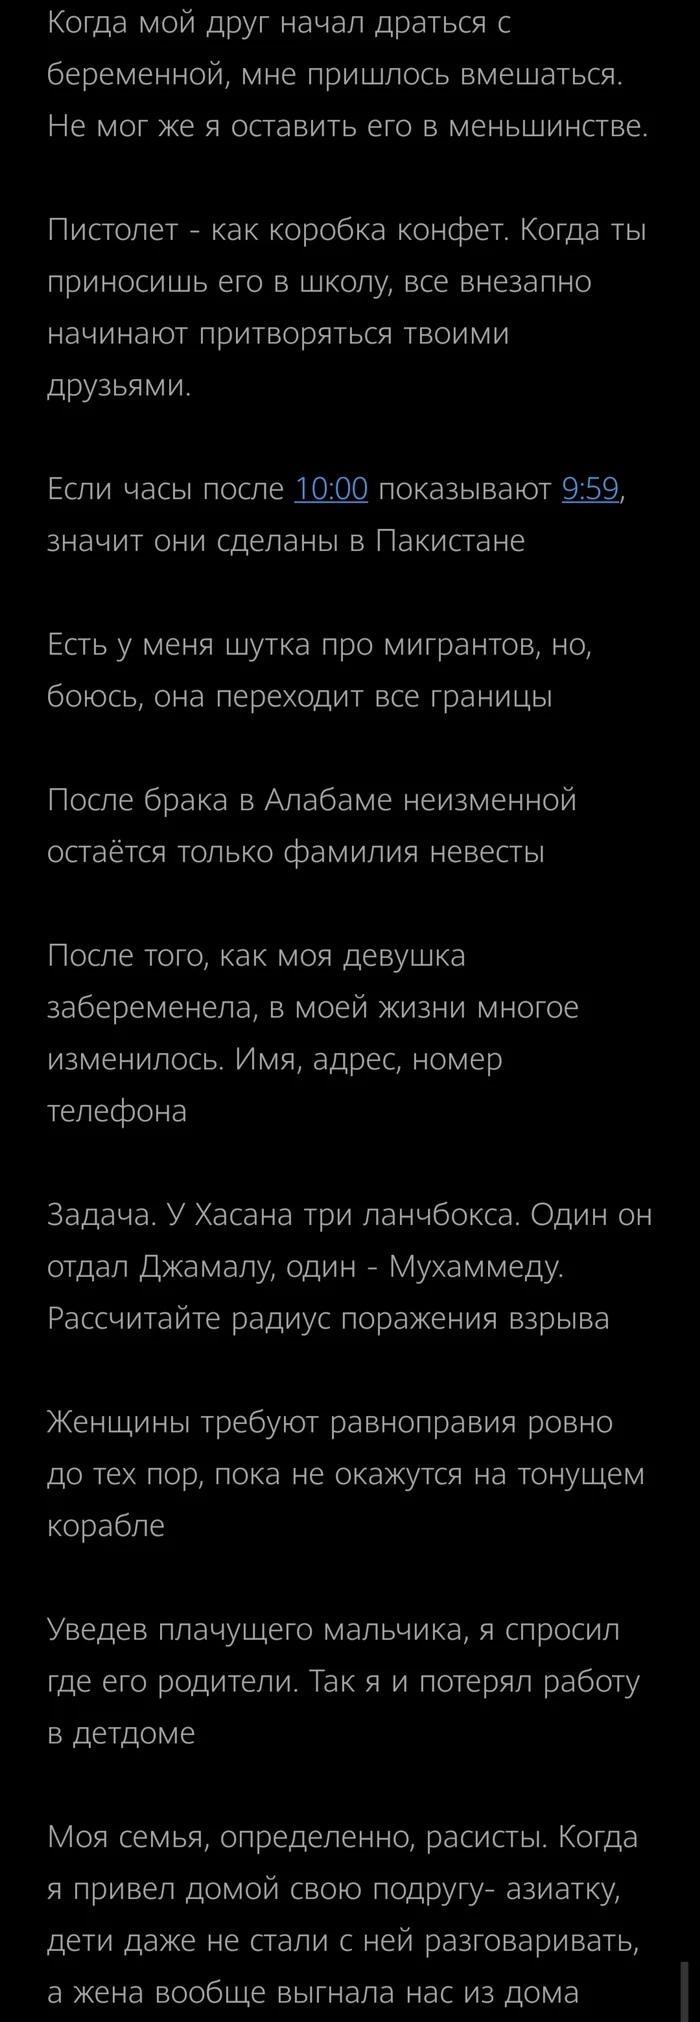 Черненькое